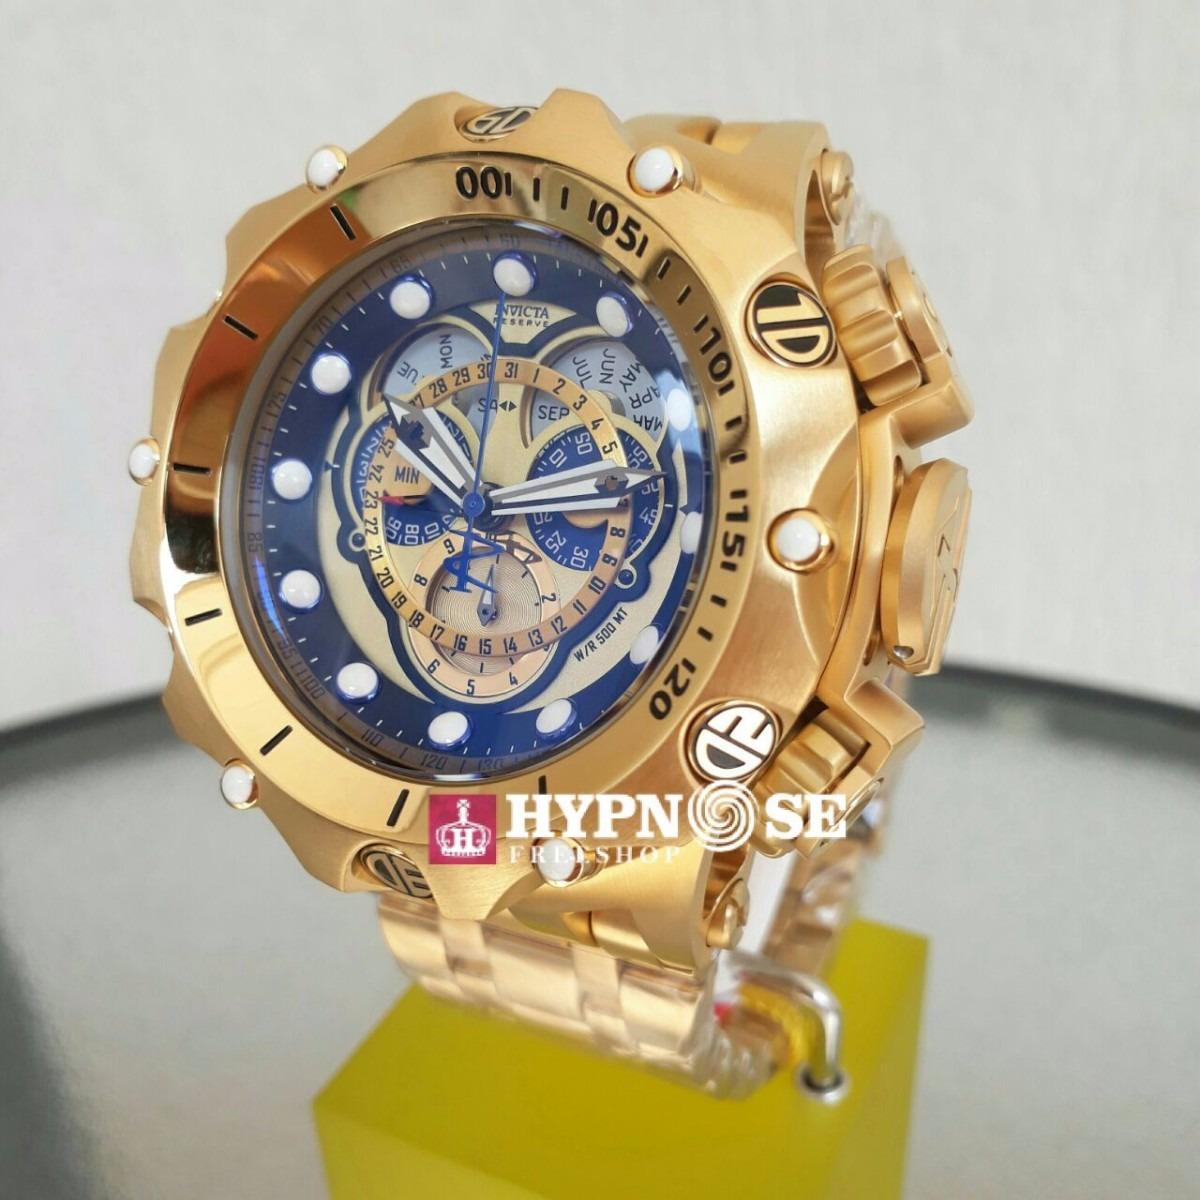 eed76a25bcb relógio invicta venom hybrid 16804 original banho ouro 18k. Carregando zoom.